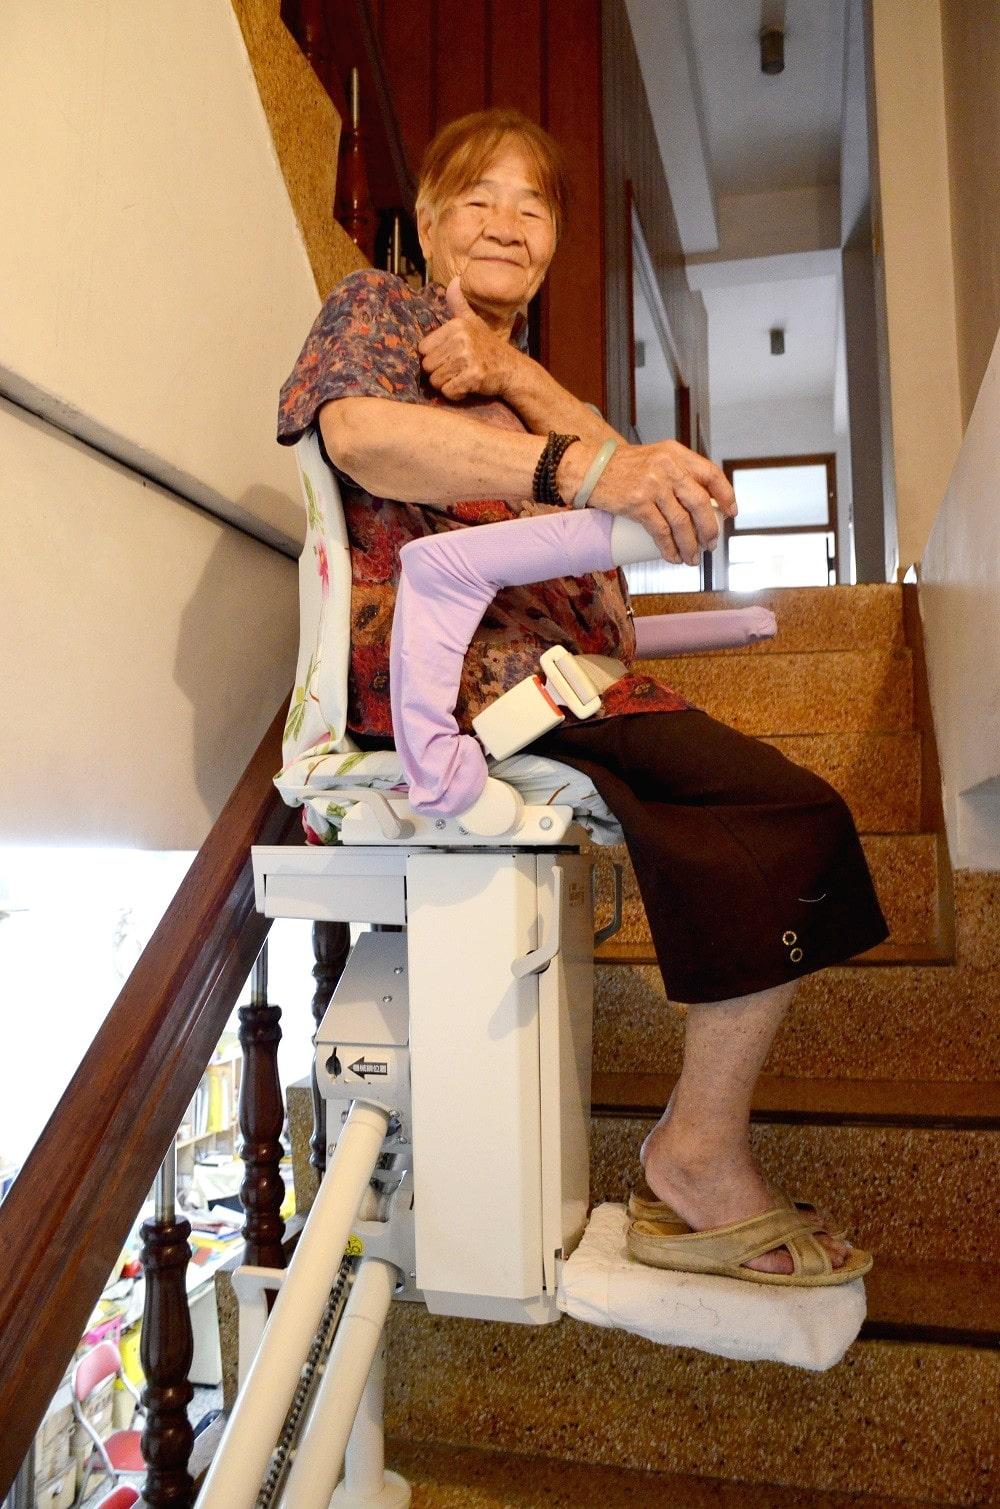 陳阿嬤給予泓電升降椅大大的讚